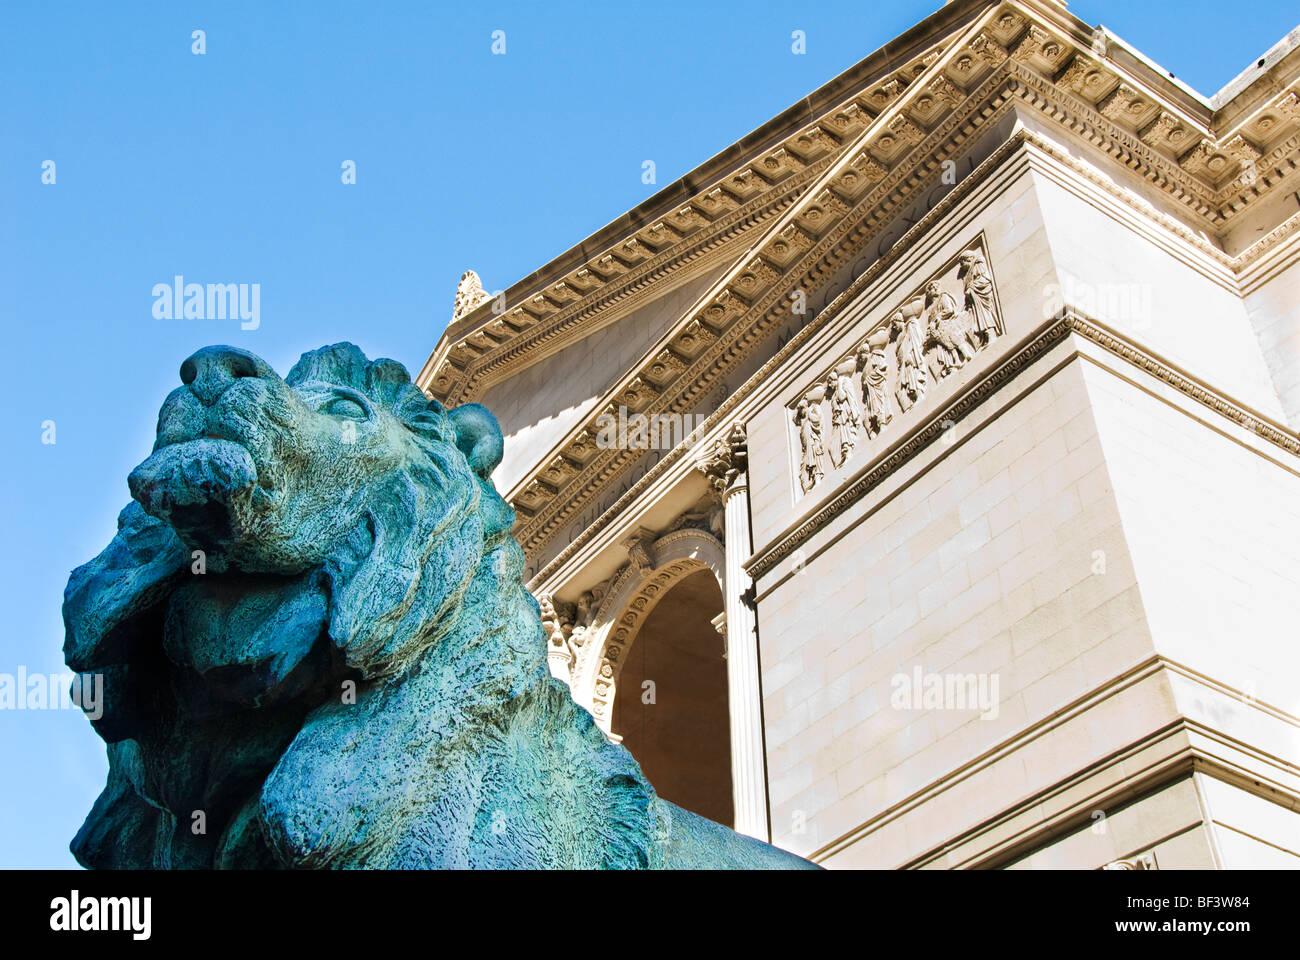 Estatua de león de bronce a la entrada del Instituto de Arte de Chicago, Chicago, Illinois, EE.UU. Imagen De Stock